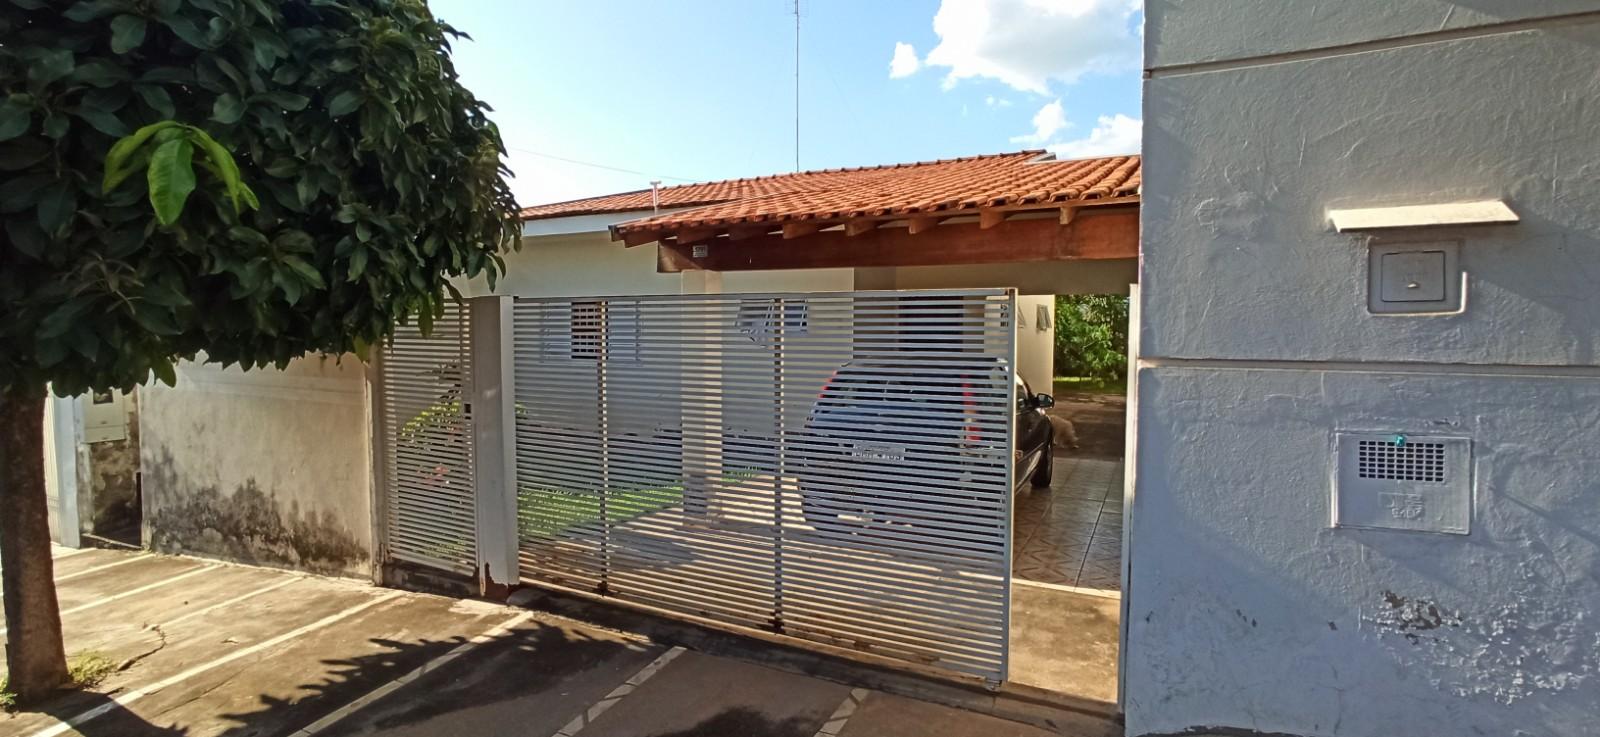 Casa à venda, Parque Residencial do Lago, Votuporanga